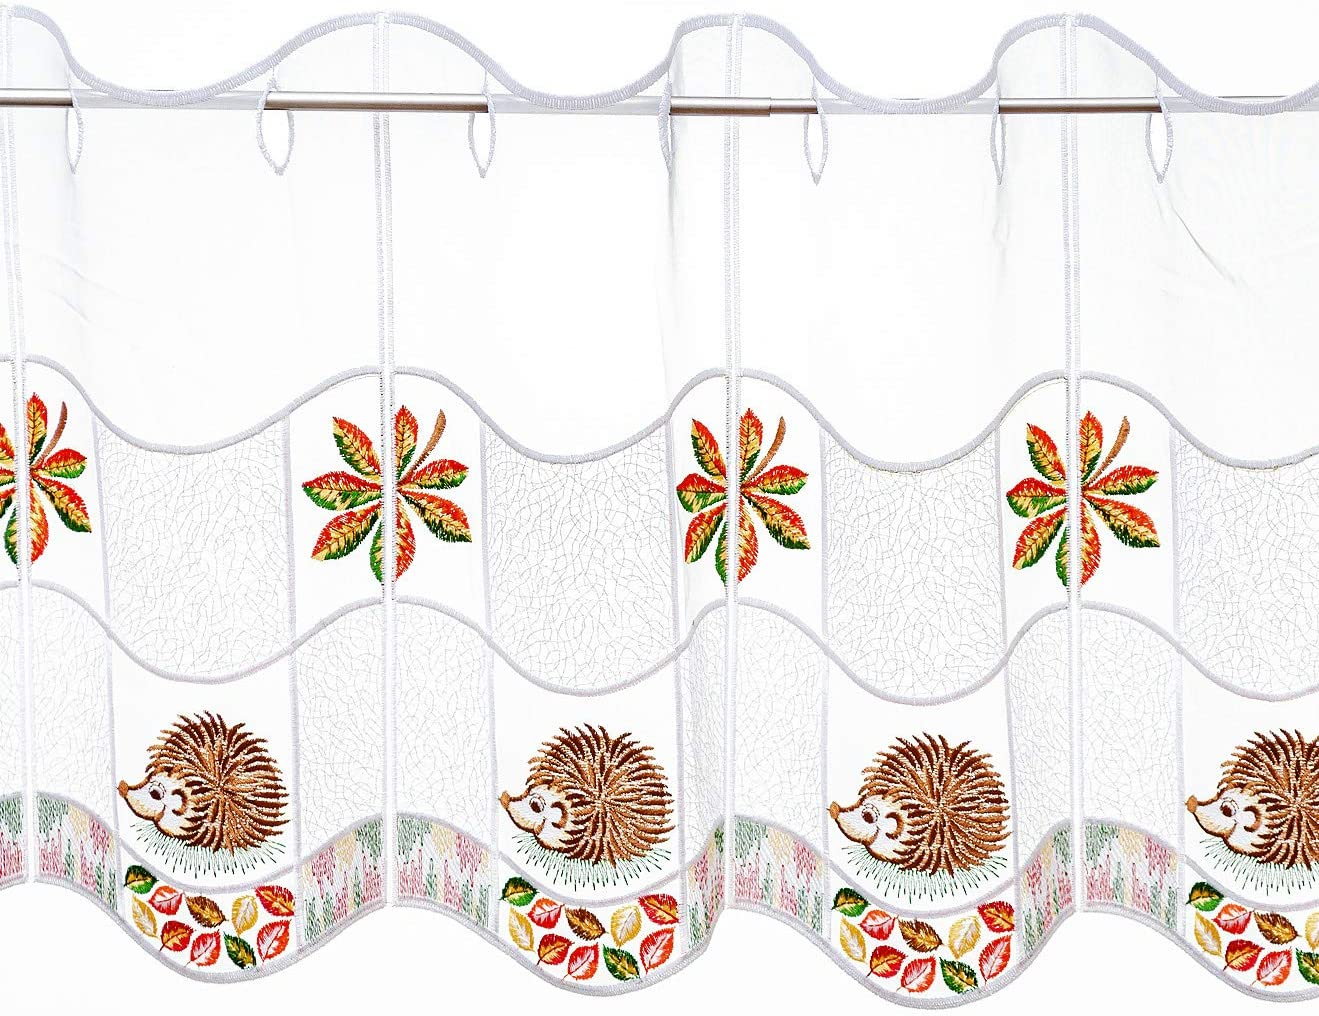 ideal f/ür kleine Fenster 35 cm 35x64 cm Plauener Spitze farbig bestickte Scheibengardine Igel Herbst Bl/ätter